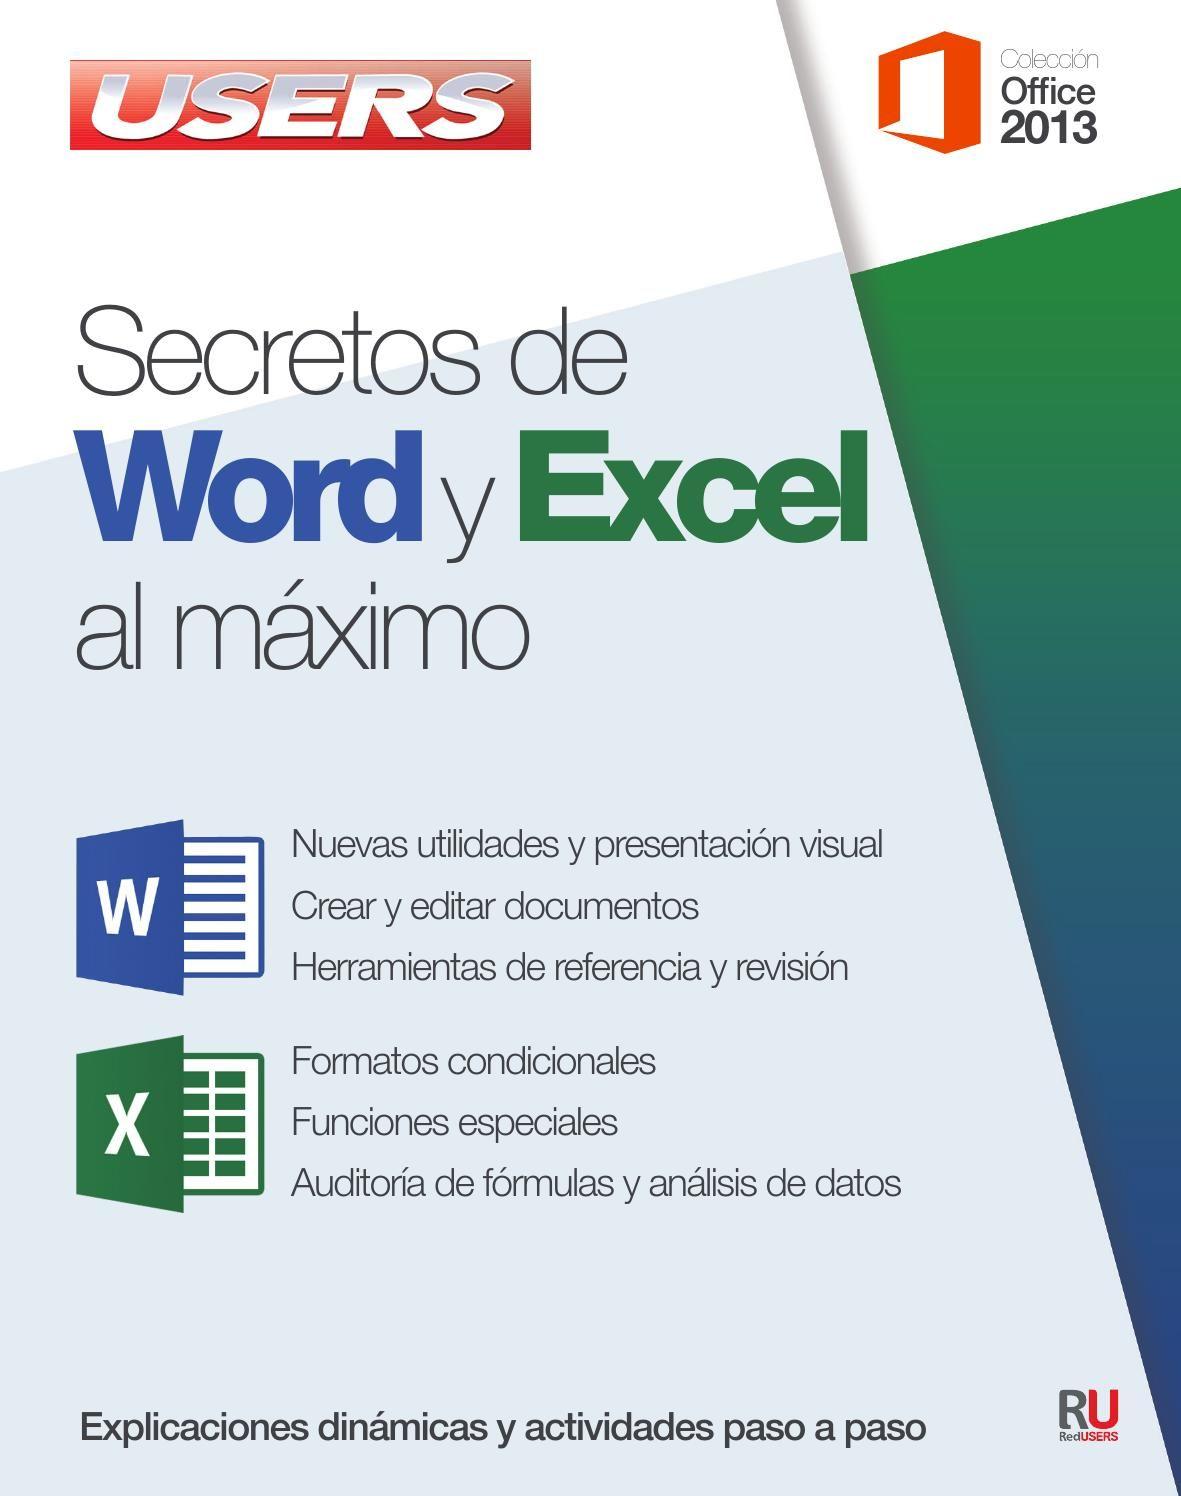 Secretos de word y excel al maximo | Informática, Tecnologia y ...